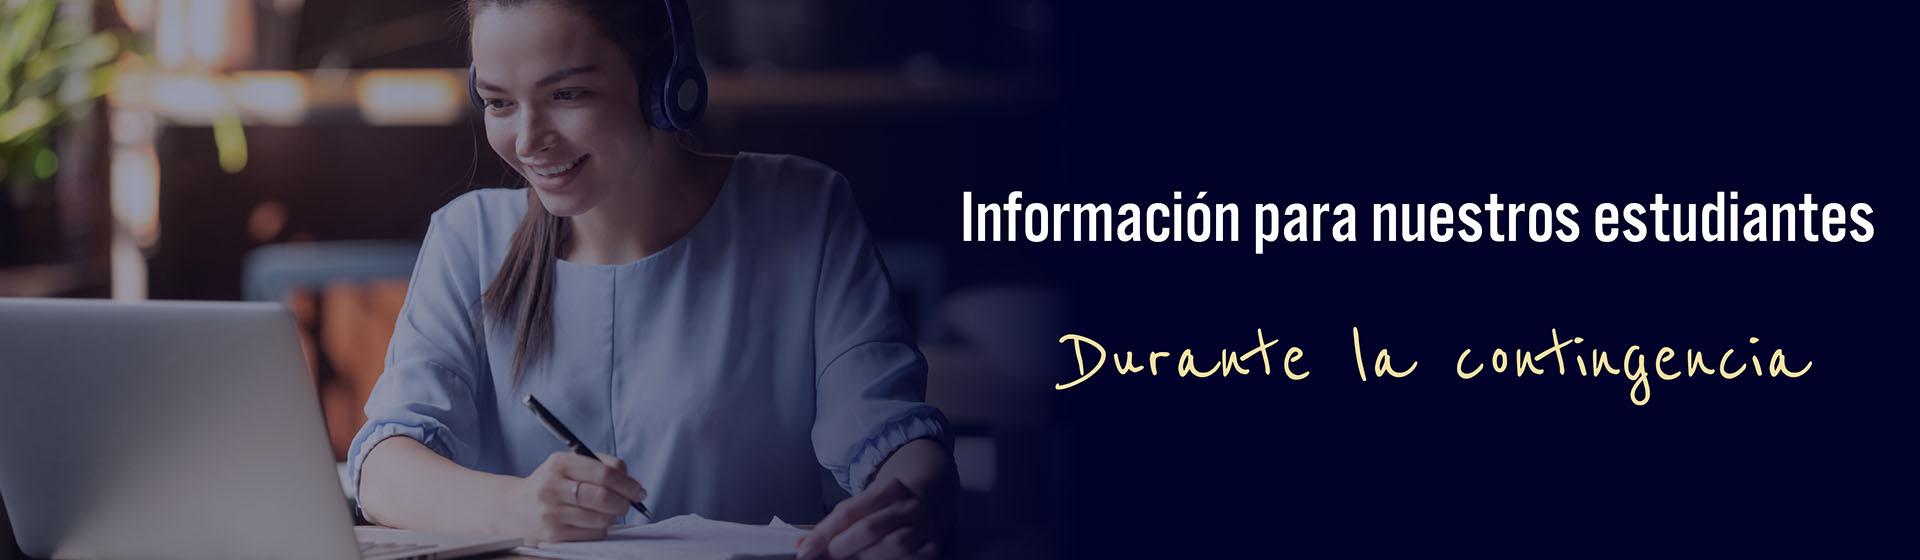 informacion contingencia